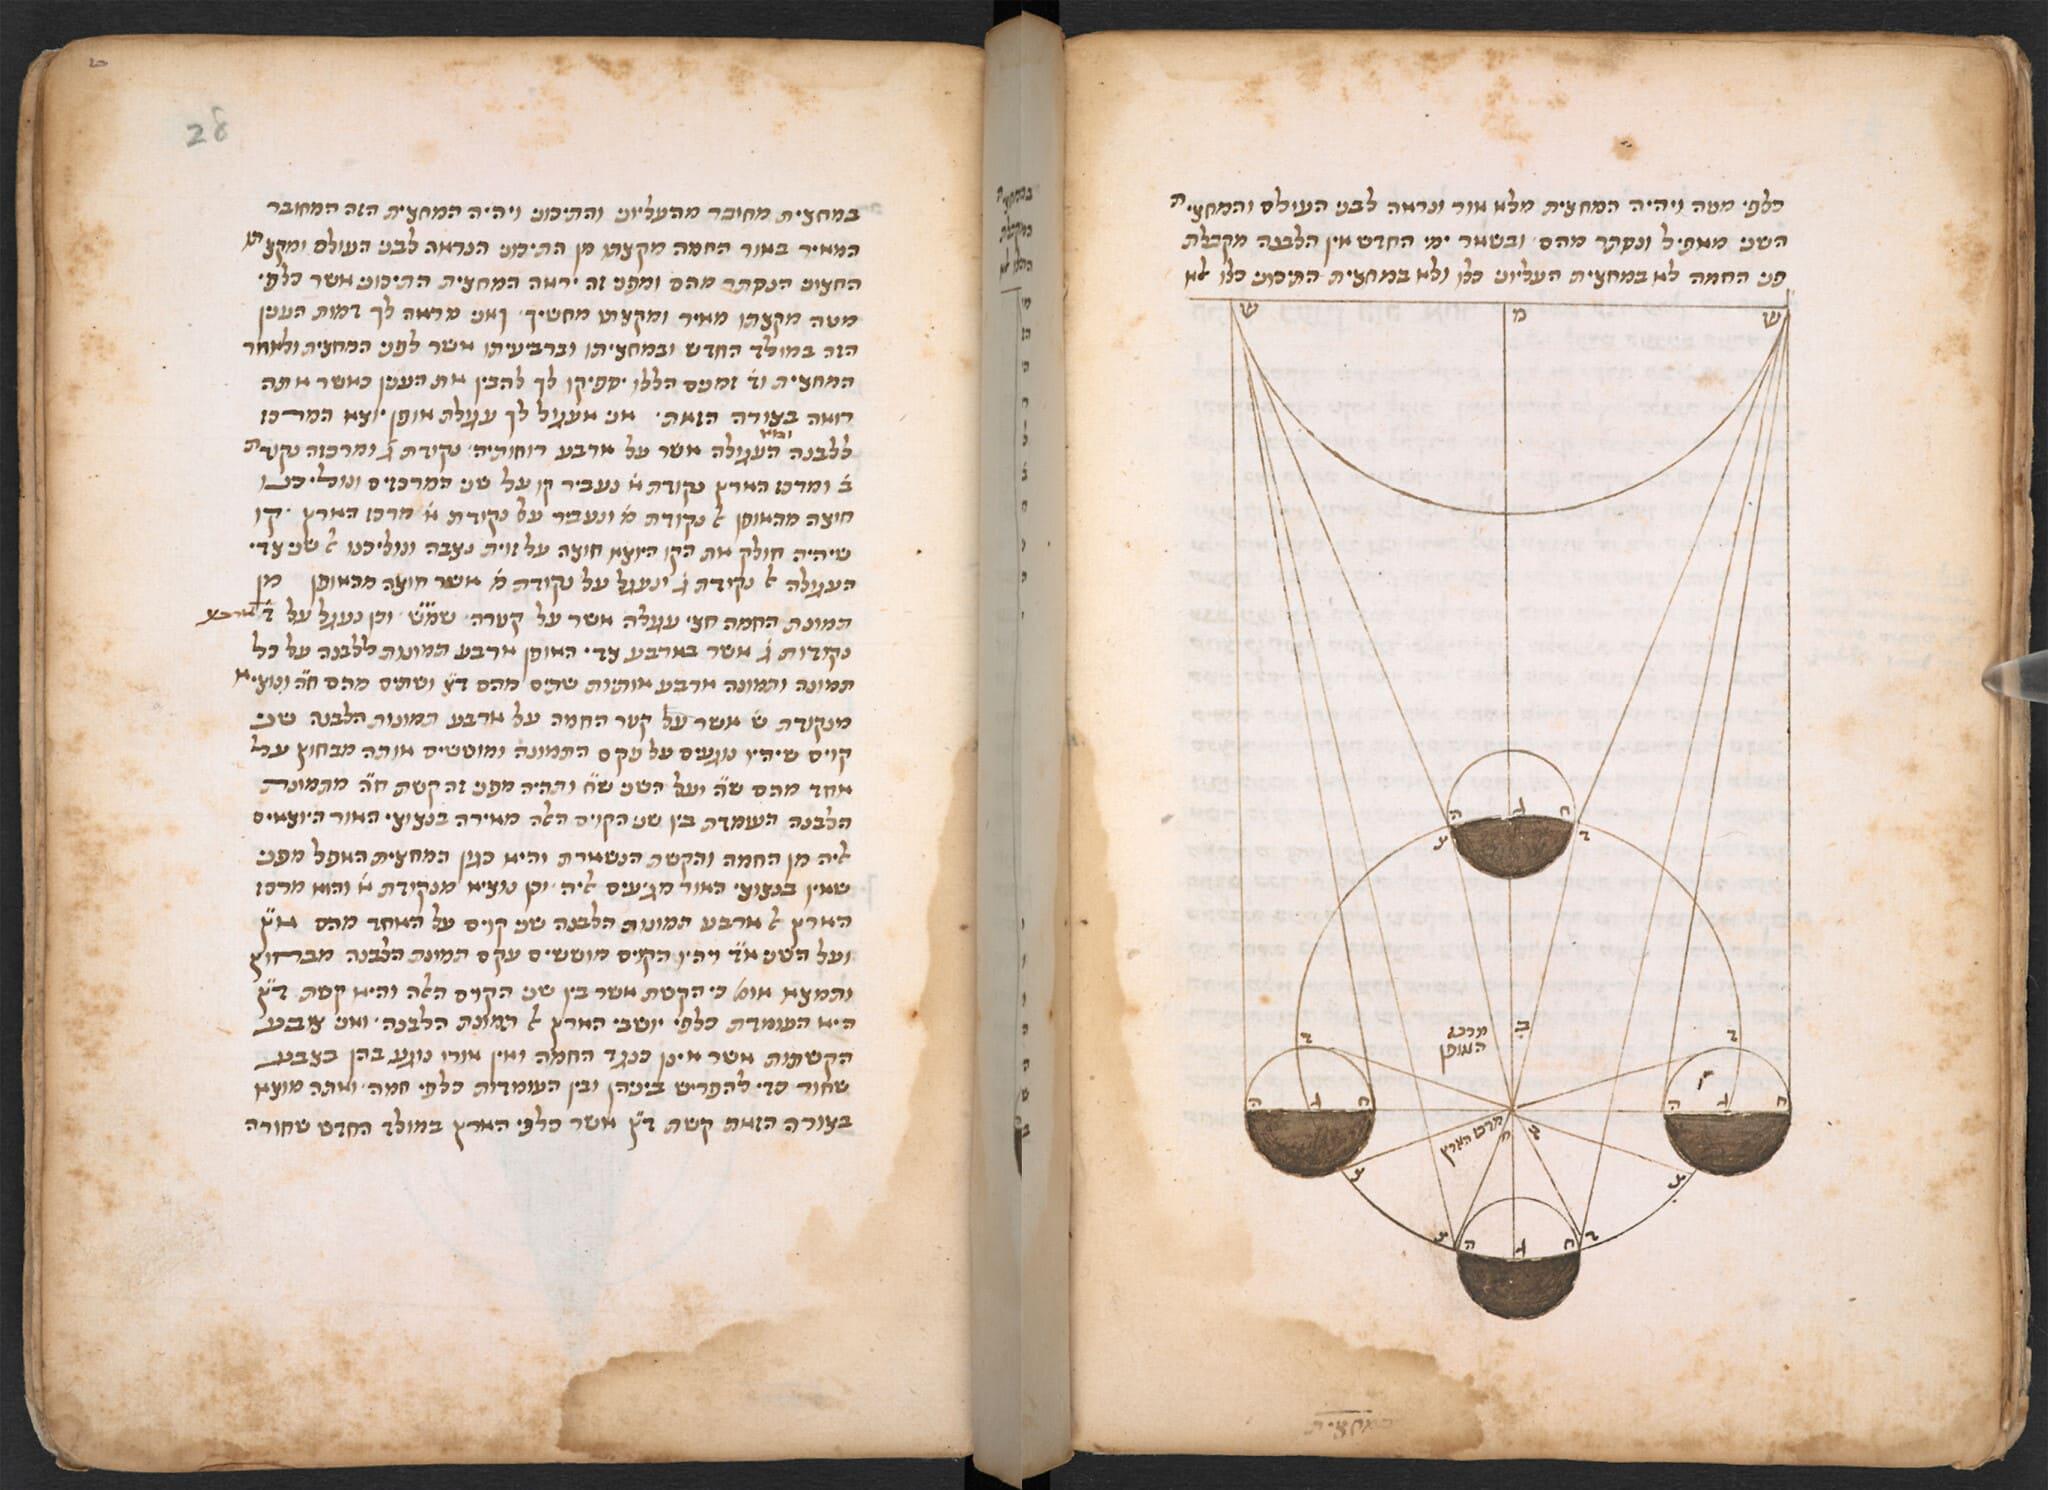 העתק מאויר של צורת כדור הארץ על פי אברהם בר חניא, מהמאה ה-15 (צילום: British Library Board)